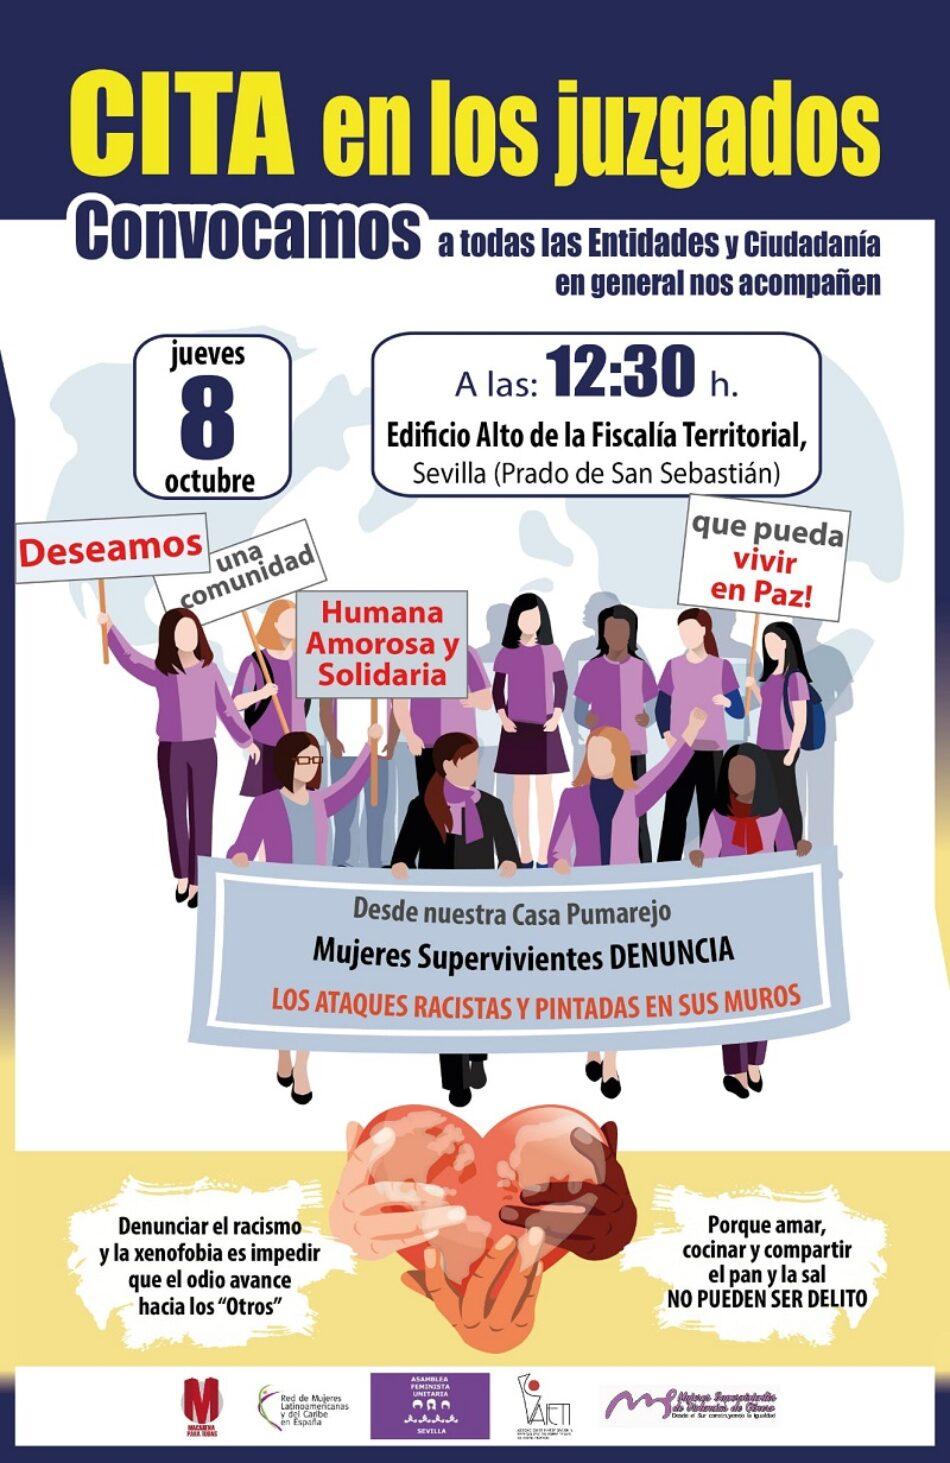 «Mujeres Supervivientes» denuncia ataques racistas y esvásticas pintadas en su Casa Pumajero, en Sevilla